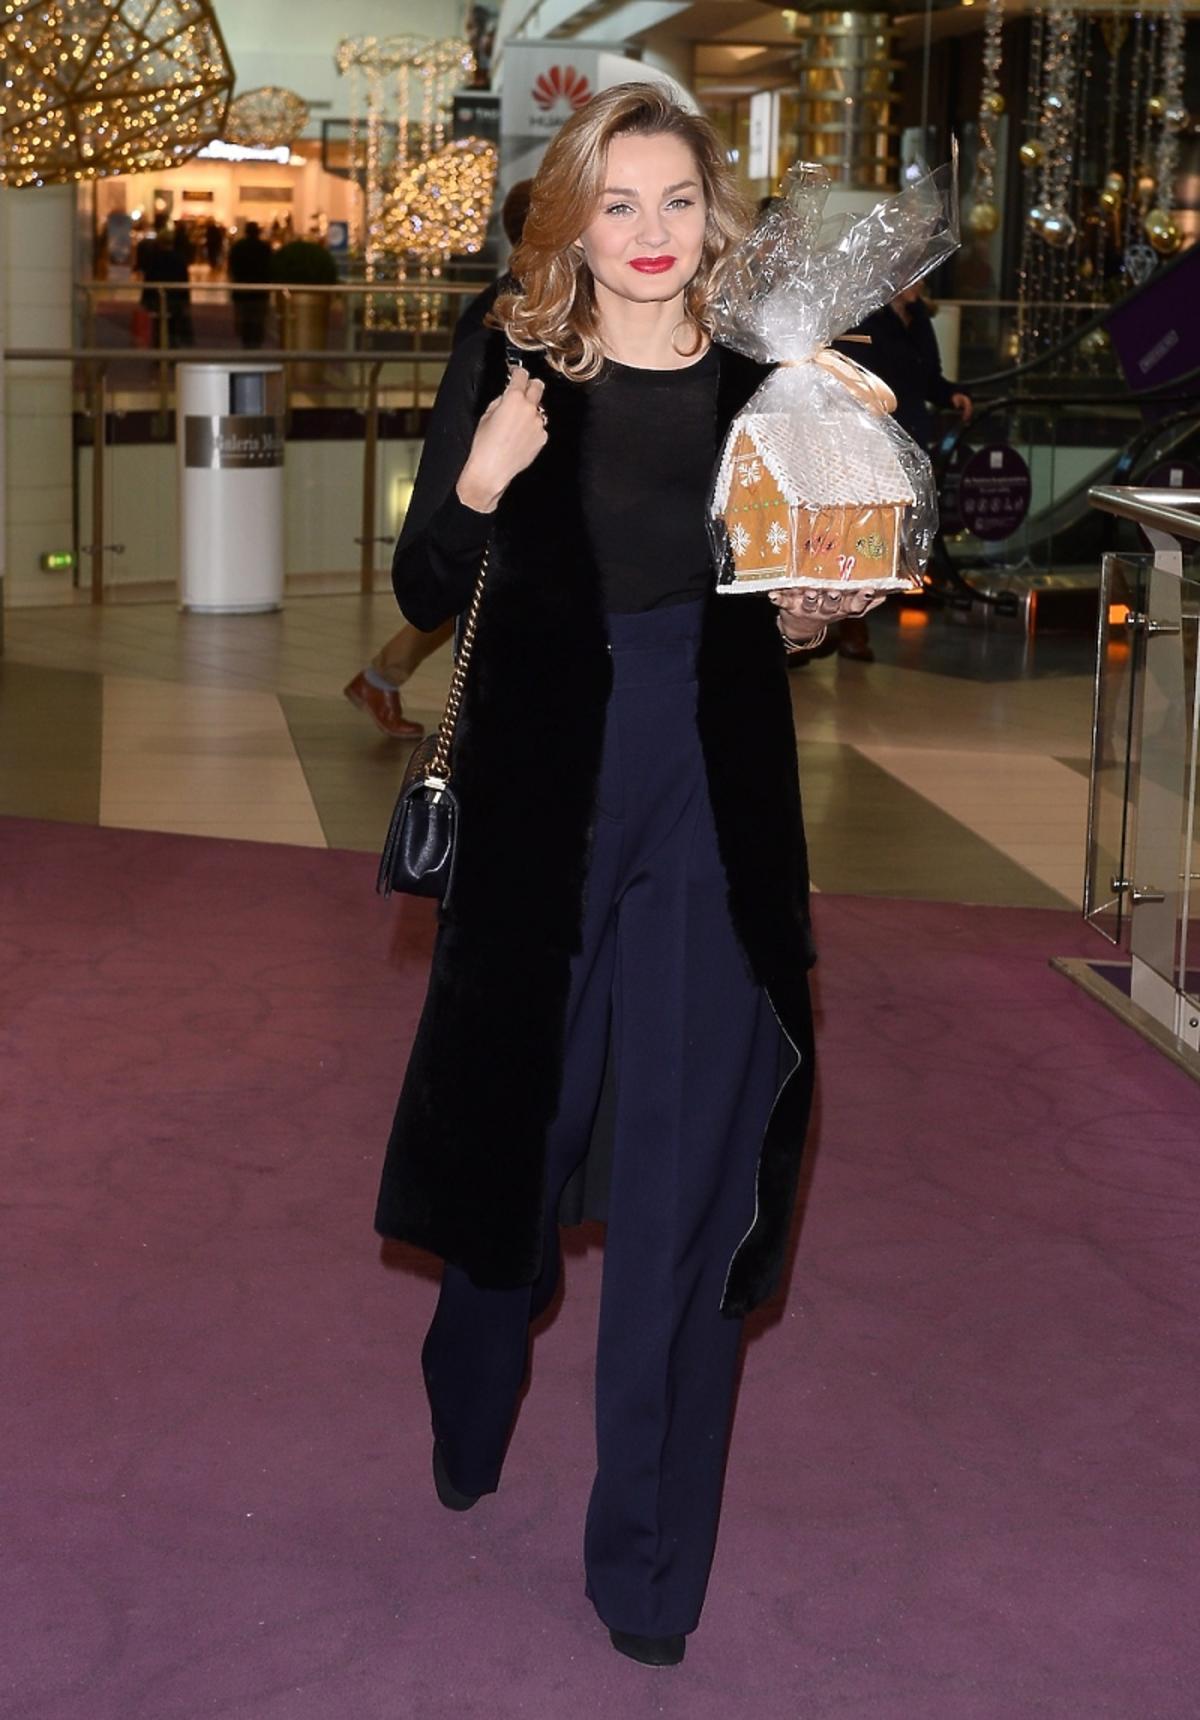 Małgorzata Socha w szerokich granatowych spodniach i czarnej długiej kamizelce z ciastem